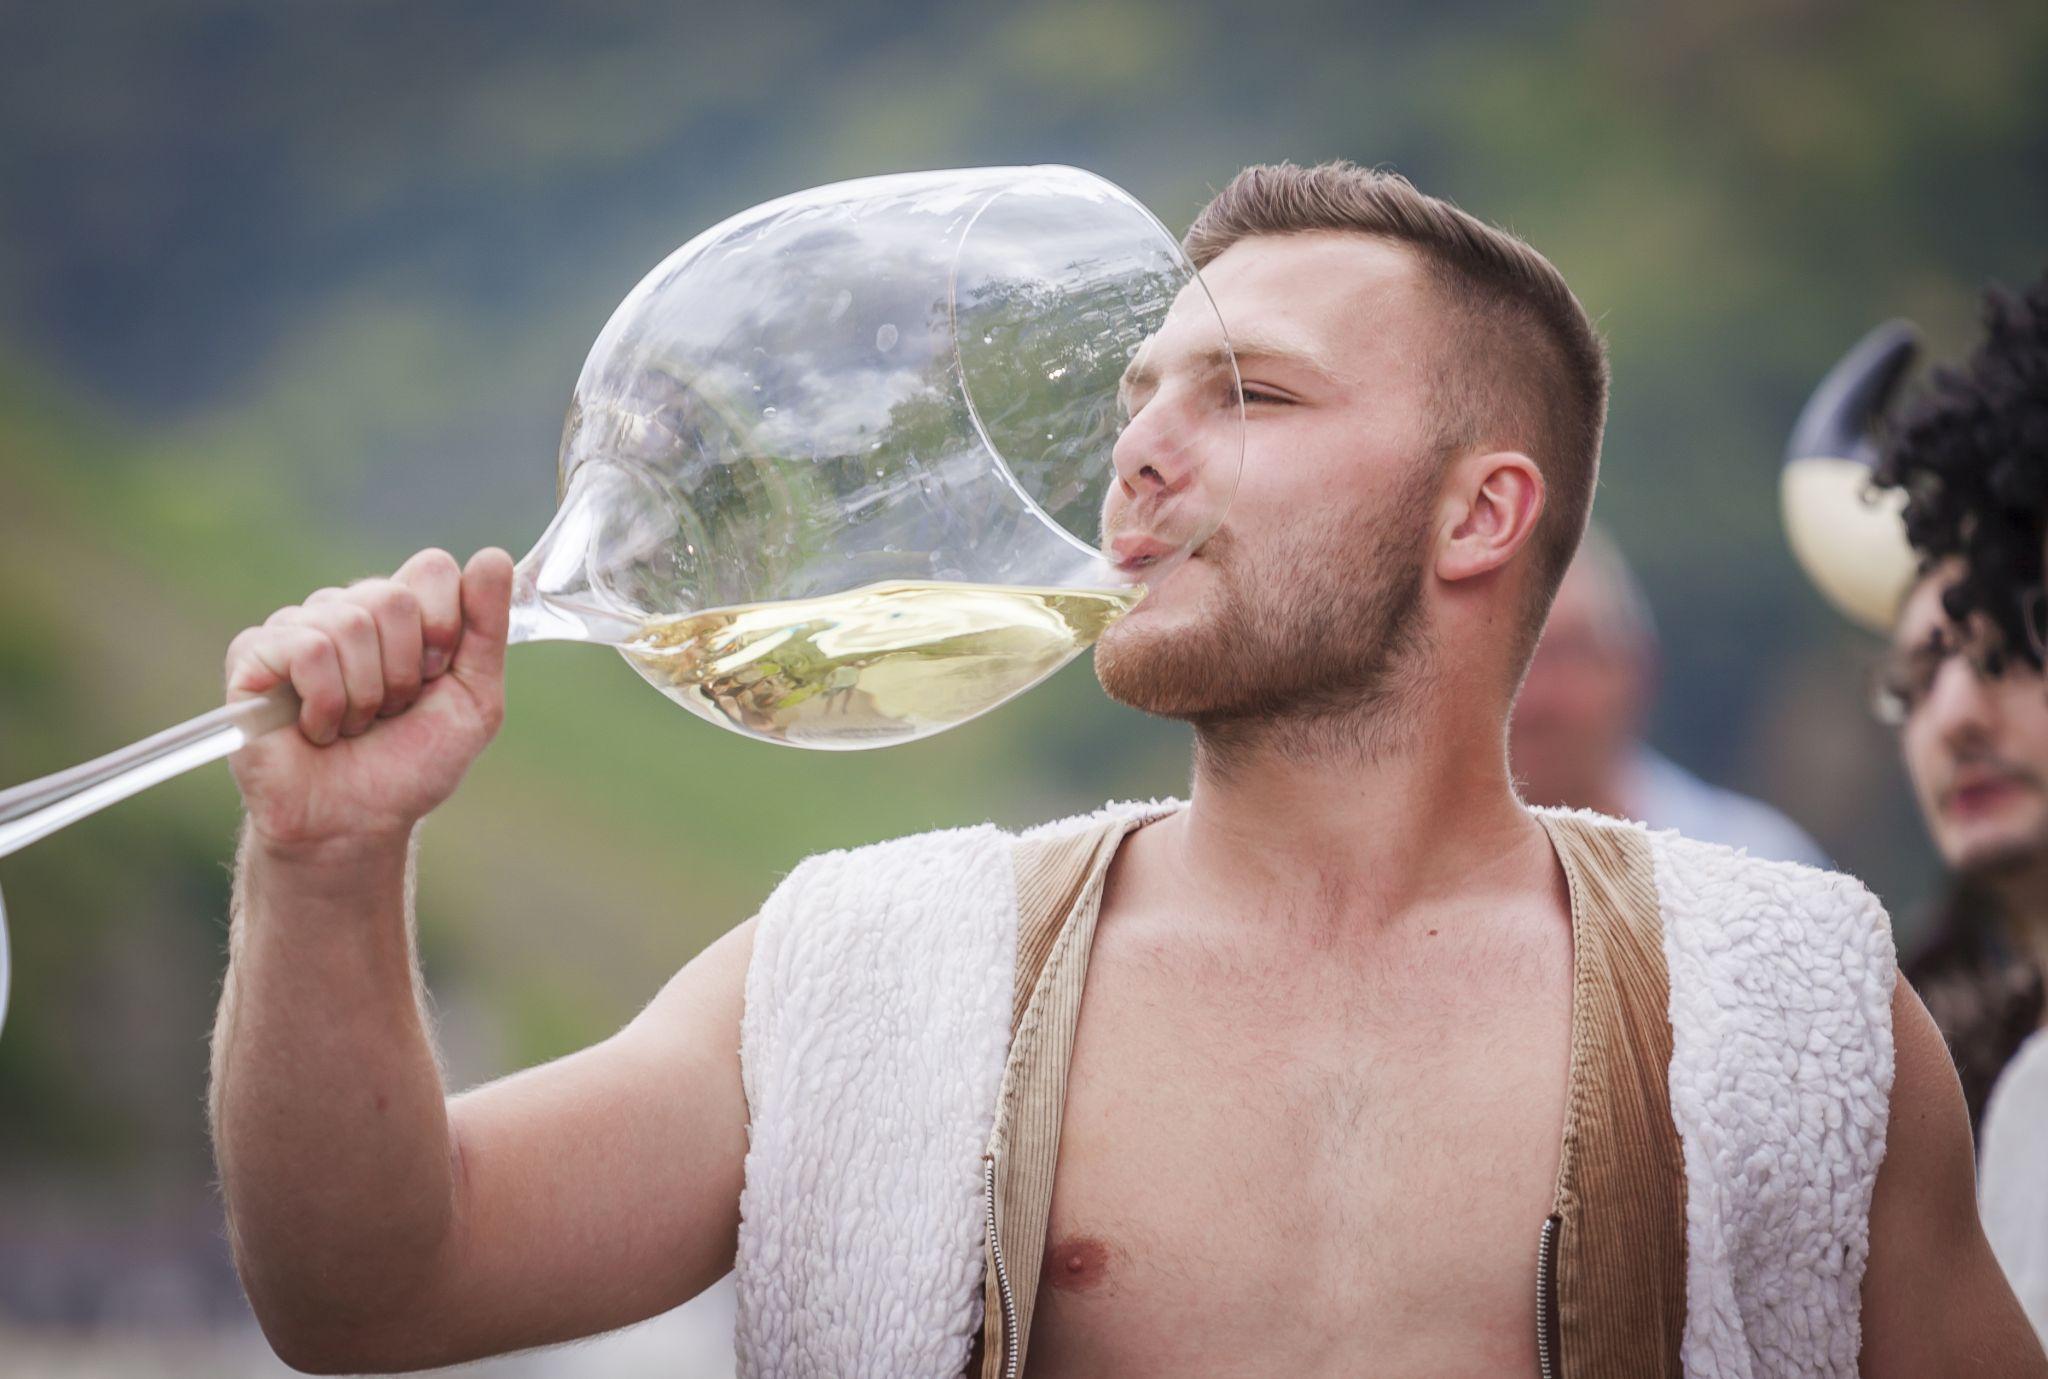 Keltisches Weingelage 4